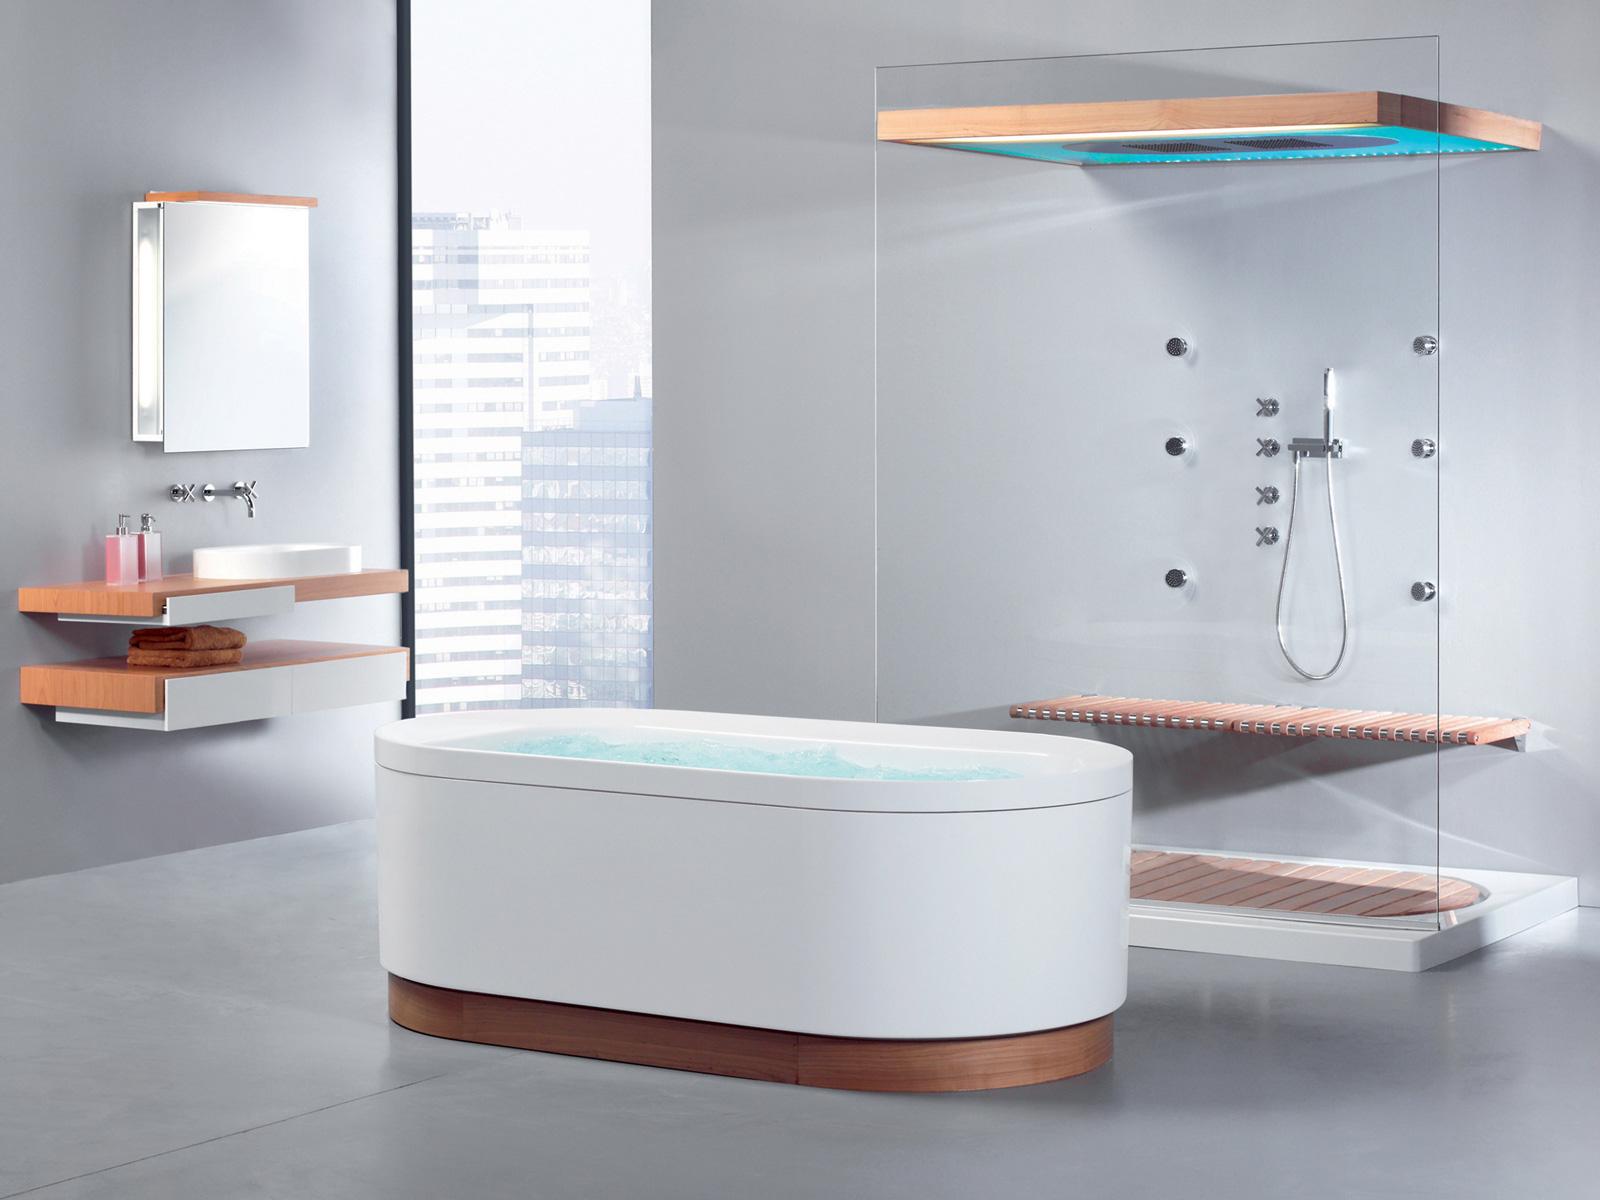 http://1.bp.blogspot.com/_yDIcqc89GZA/TEqjgoDa6_I/AAAAAAAAkSg/kUf4--lO-5U/s1600/Hoesch_Sensamare_Bathroom_Design.jpg